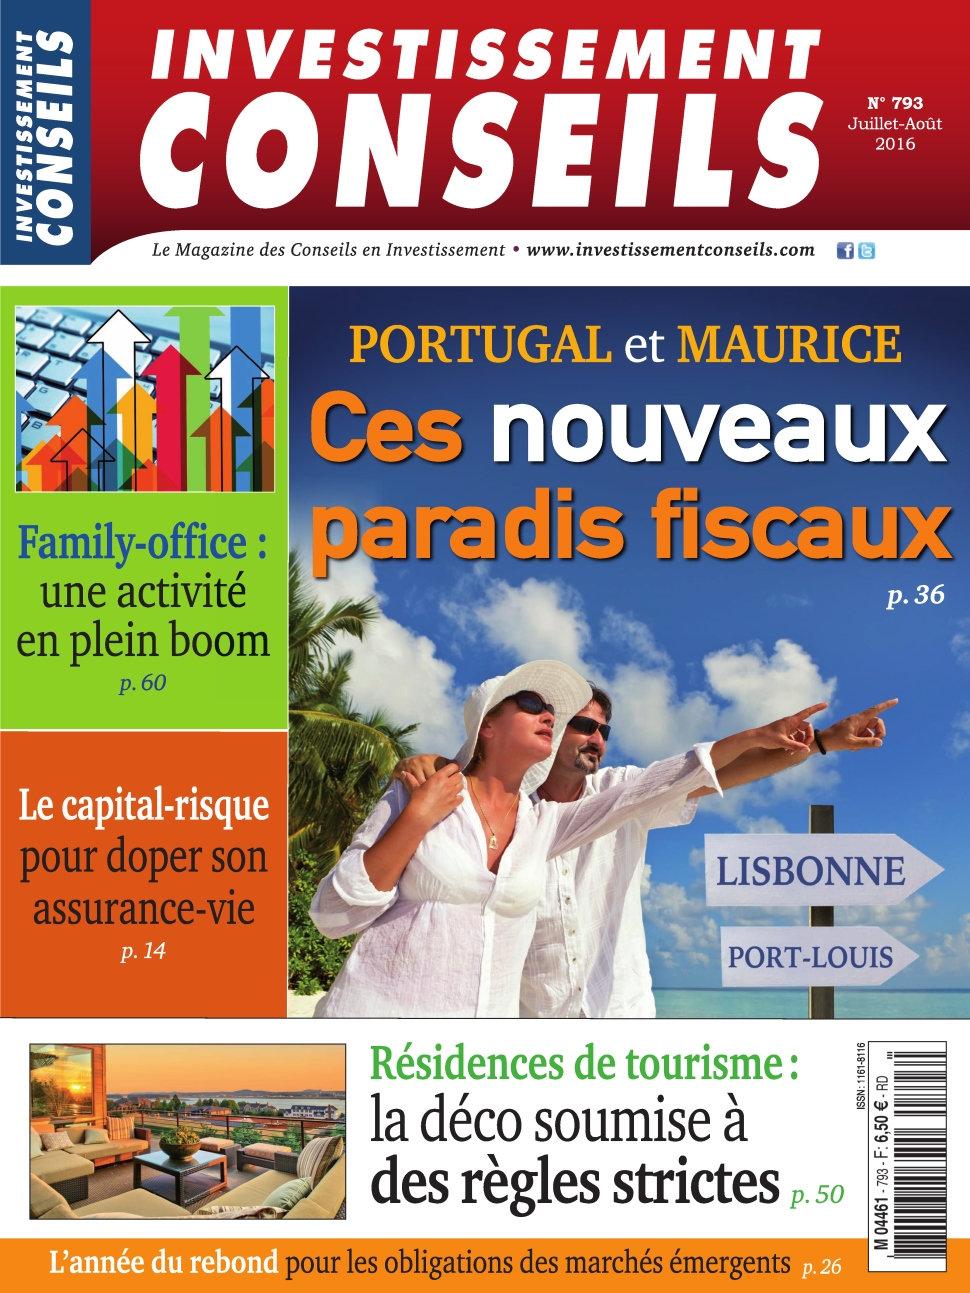 Investissement Conseils N°793 - Juillet/Aout 2016